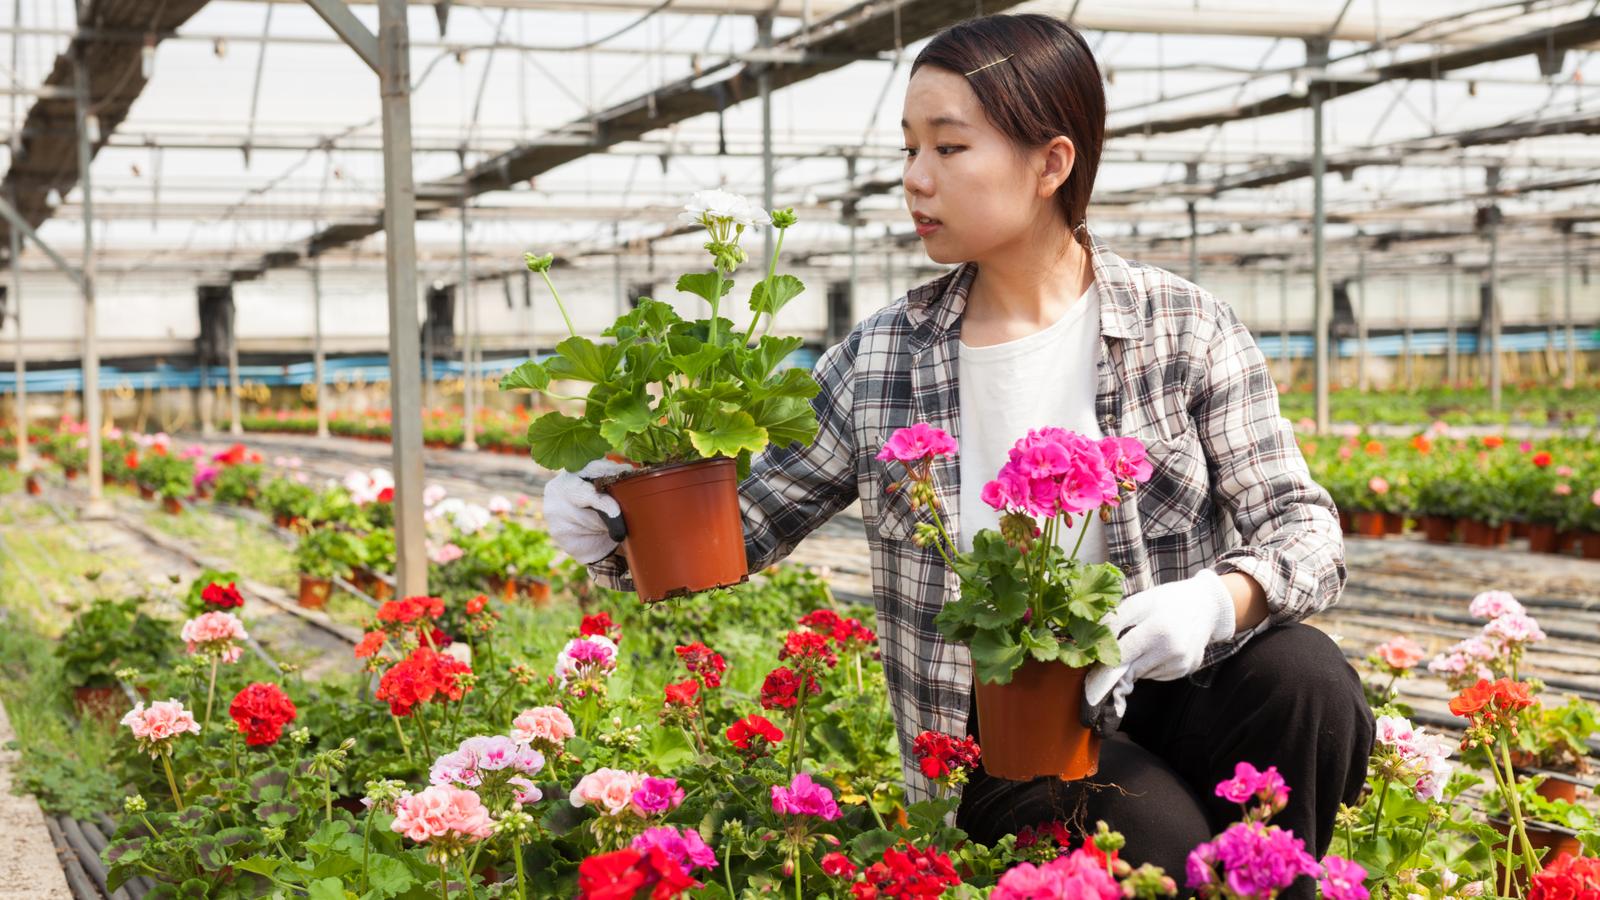 بائع زهور مبتهج يحمل أزهار إبرة الراعي المحفوظة في أصيص في الدفيئة